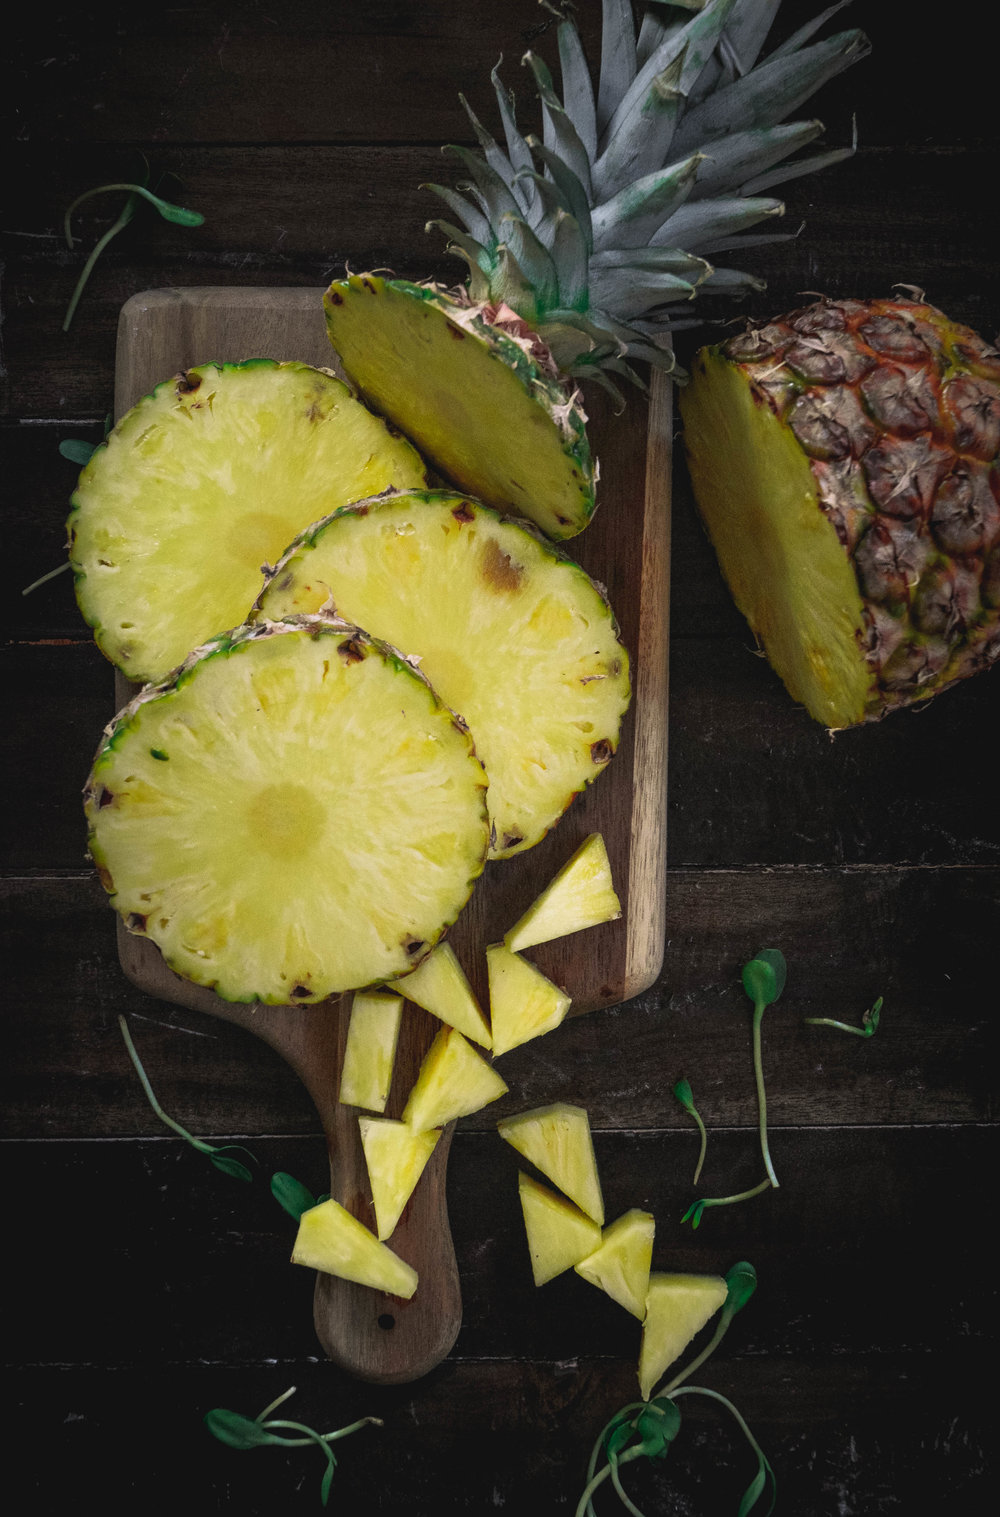 pineapple on cutting board